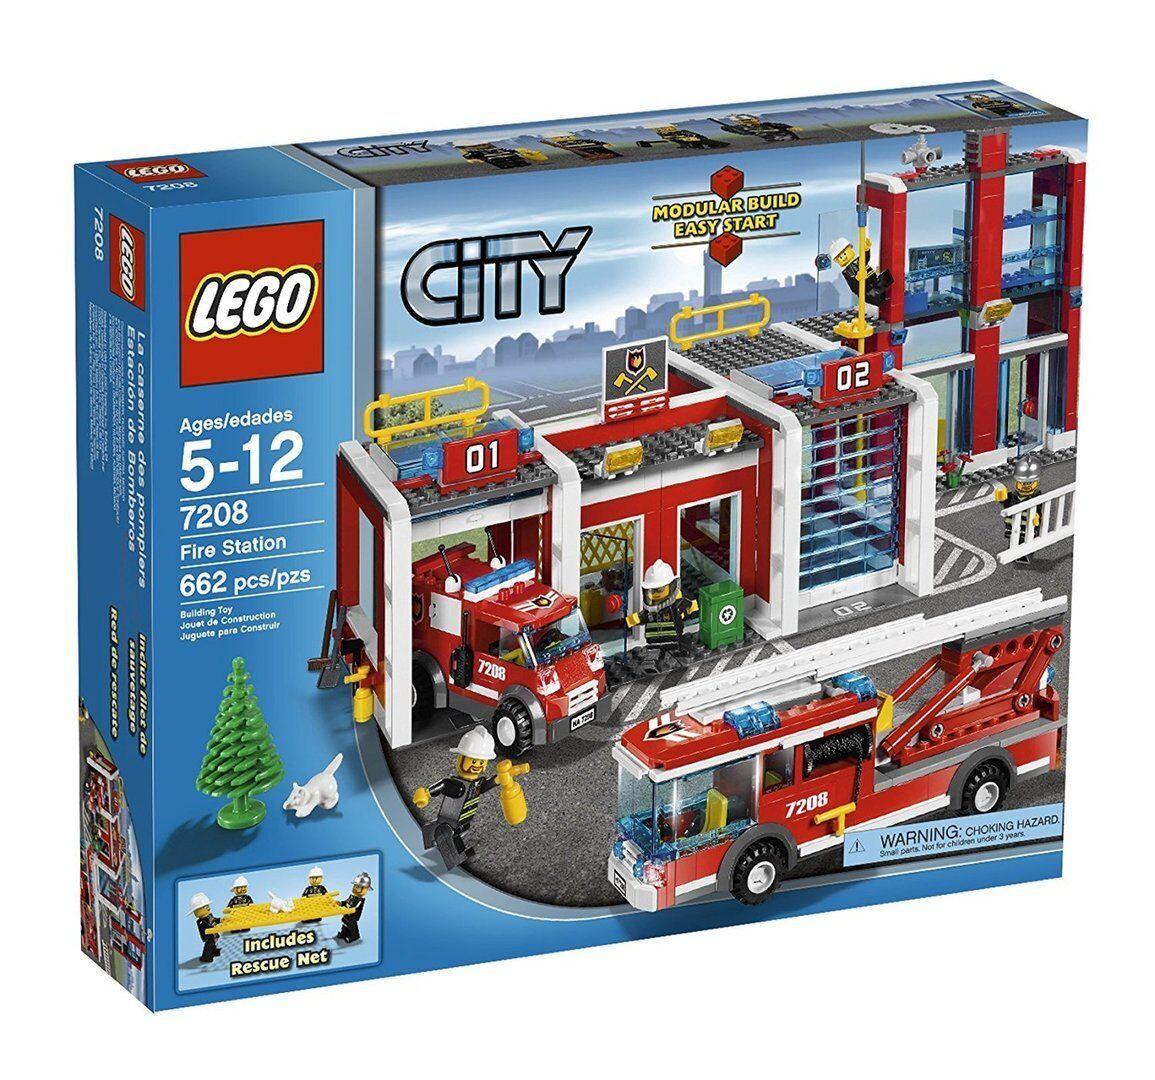 Le père Noël est avec vous tous les jours. jours. jours. Lego 7208 City - Parque de Bomberos | Apparence Attrayante  d57054